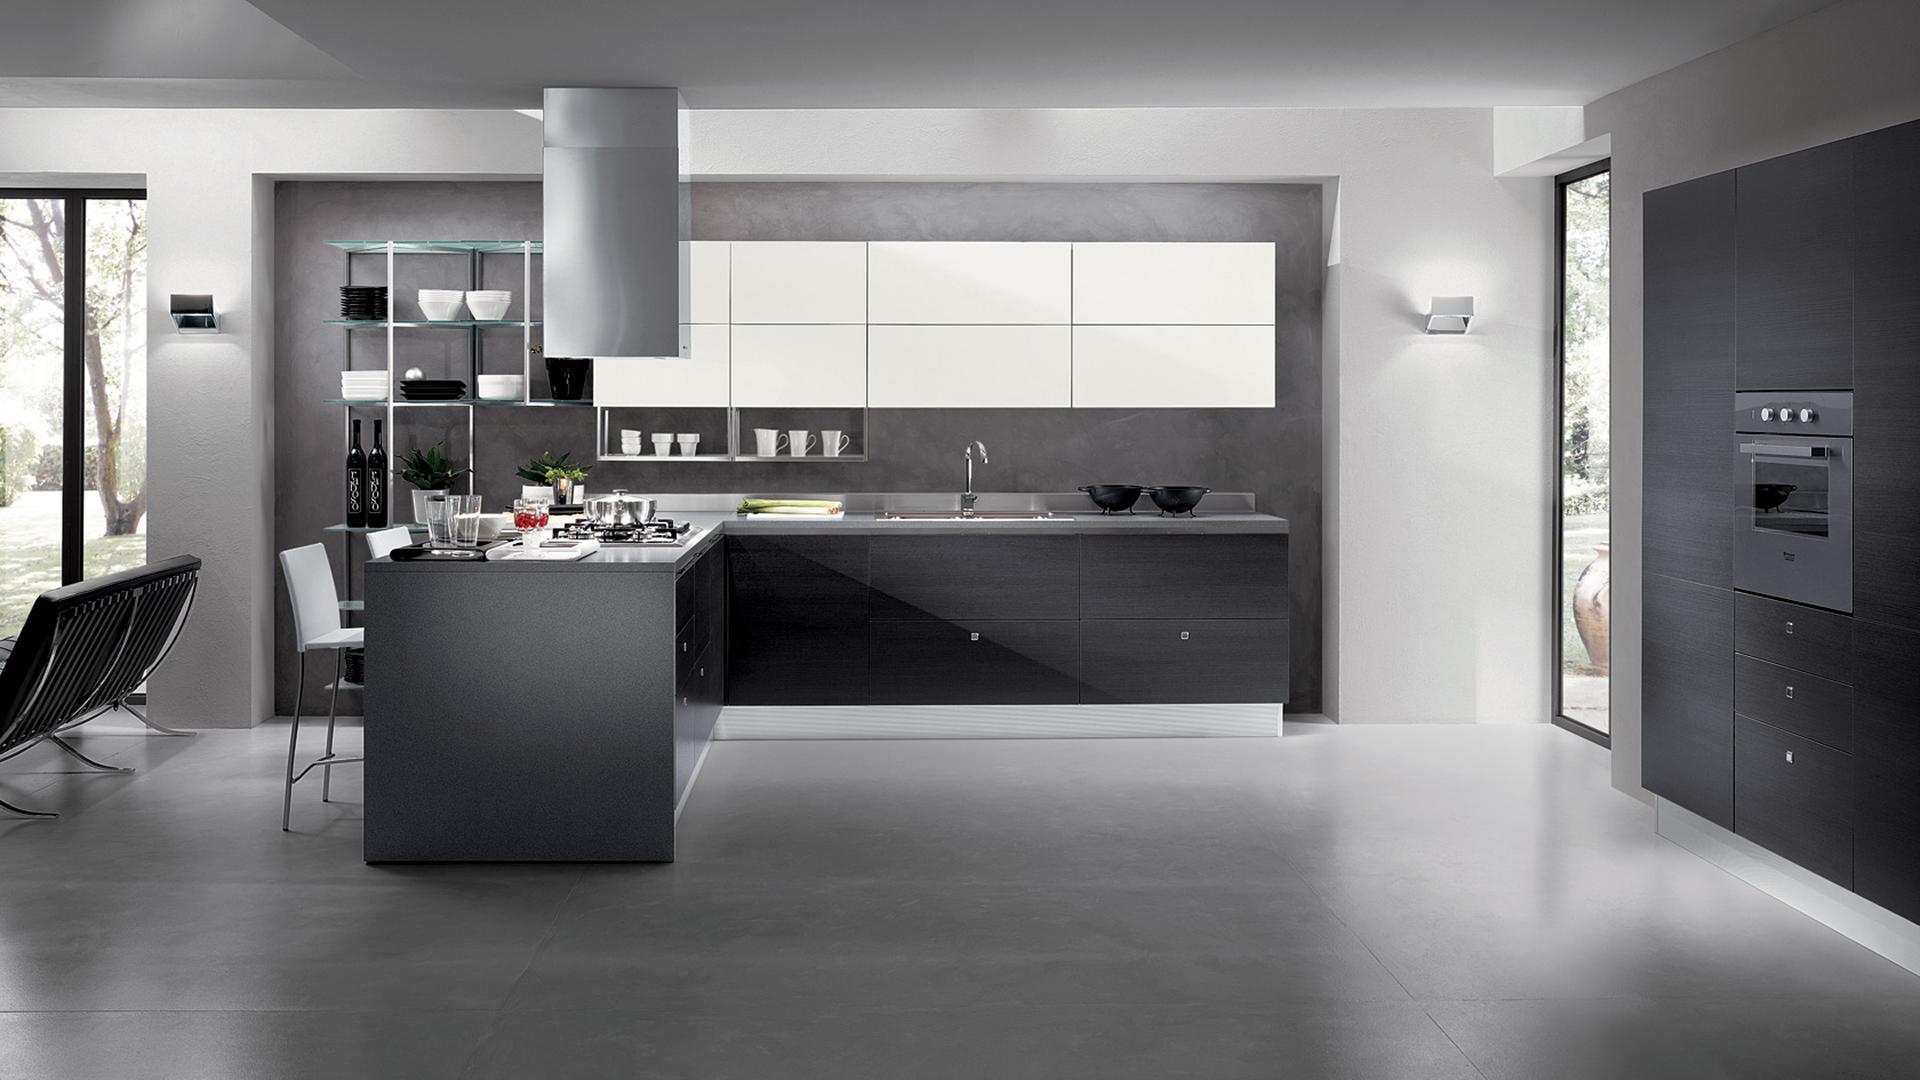 Cucine design 1 gallo domus arredamenti su misura a torino for Arredamenti su misura torino